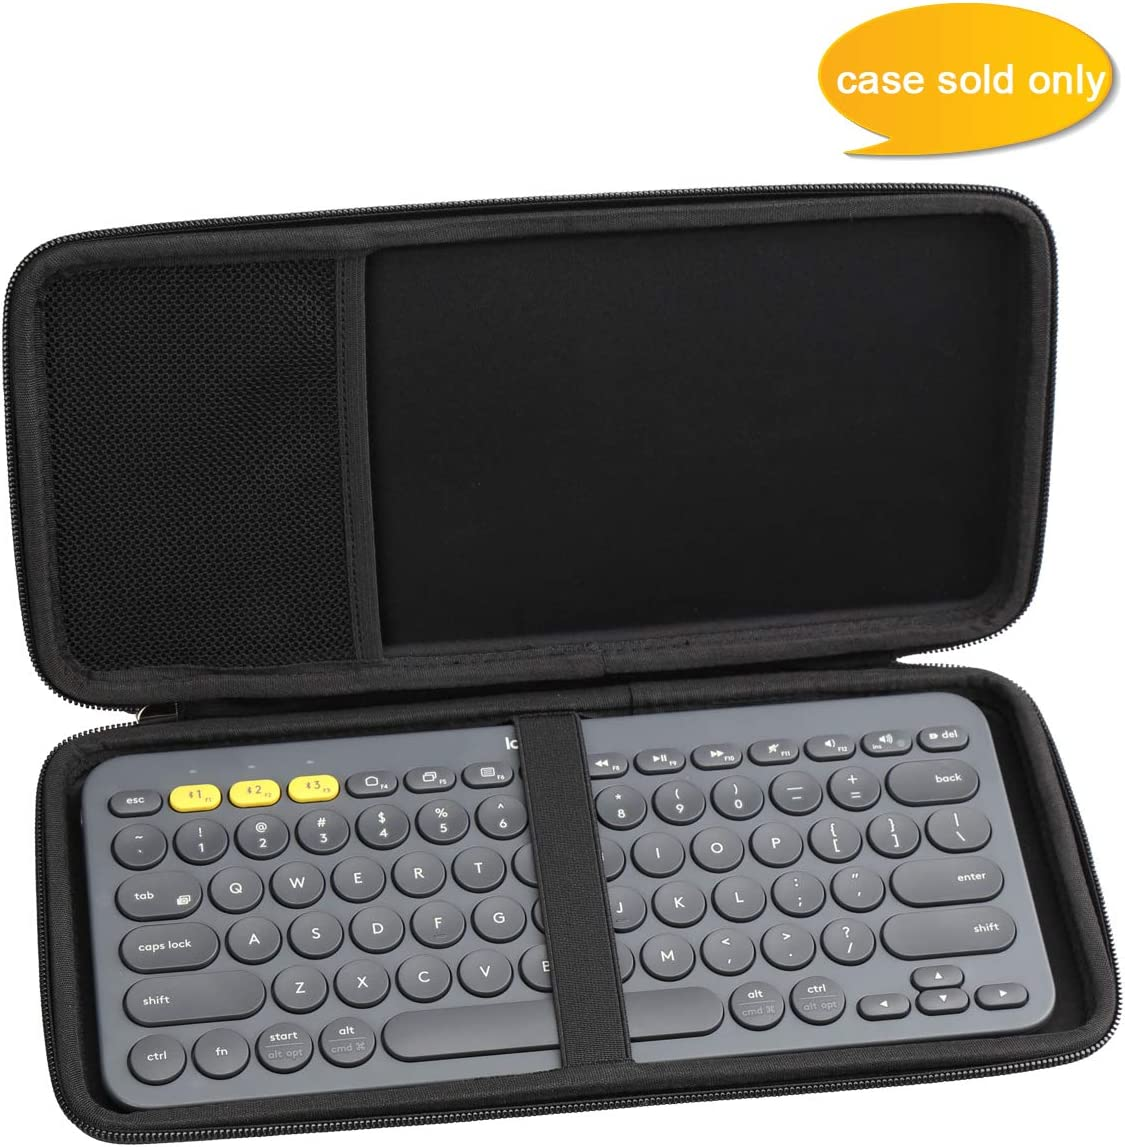 Aproca Duro Viajes Funda Bolso Caso para Logitech K380 Teclado Bluetooth